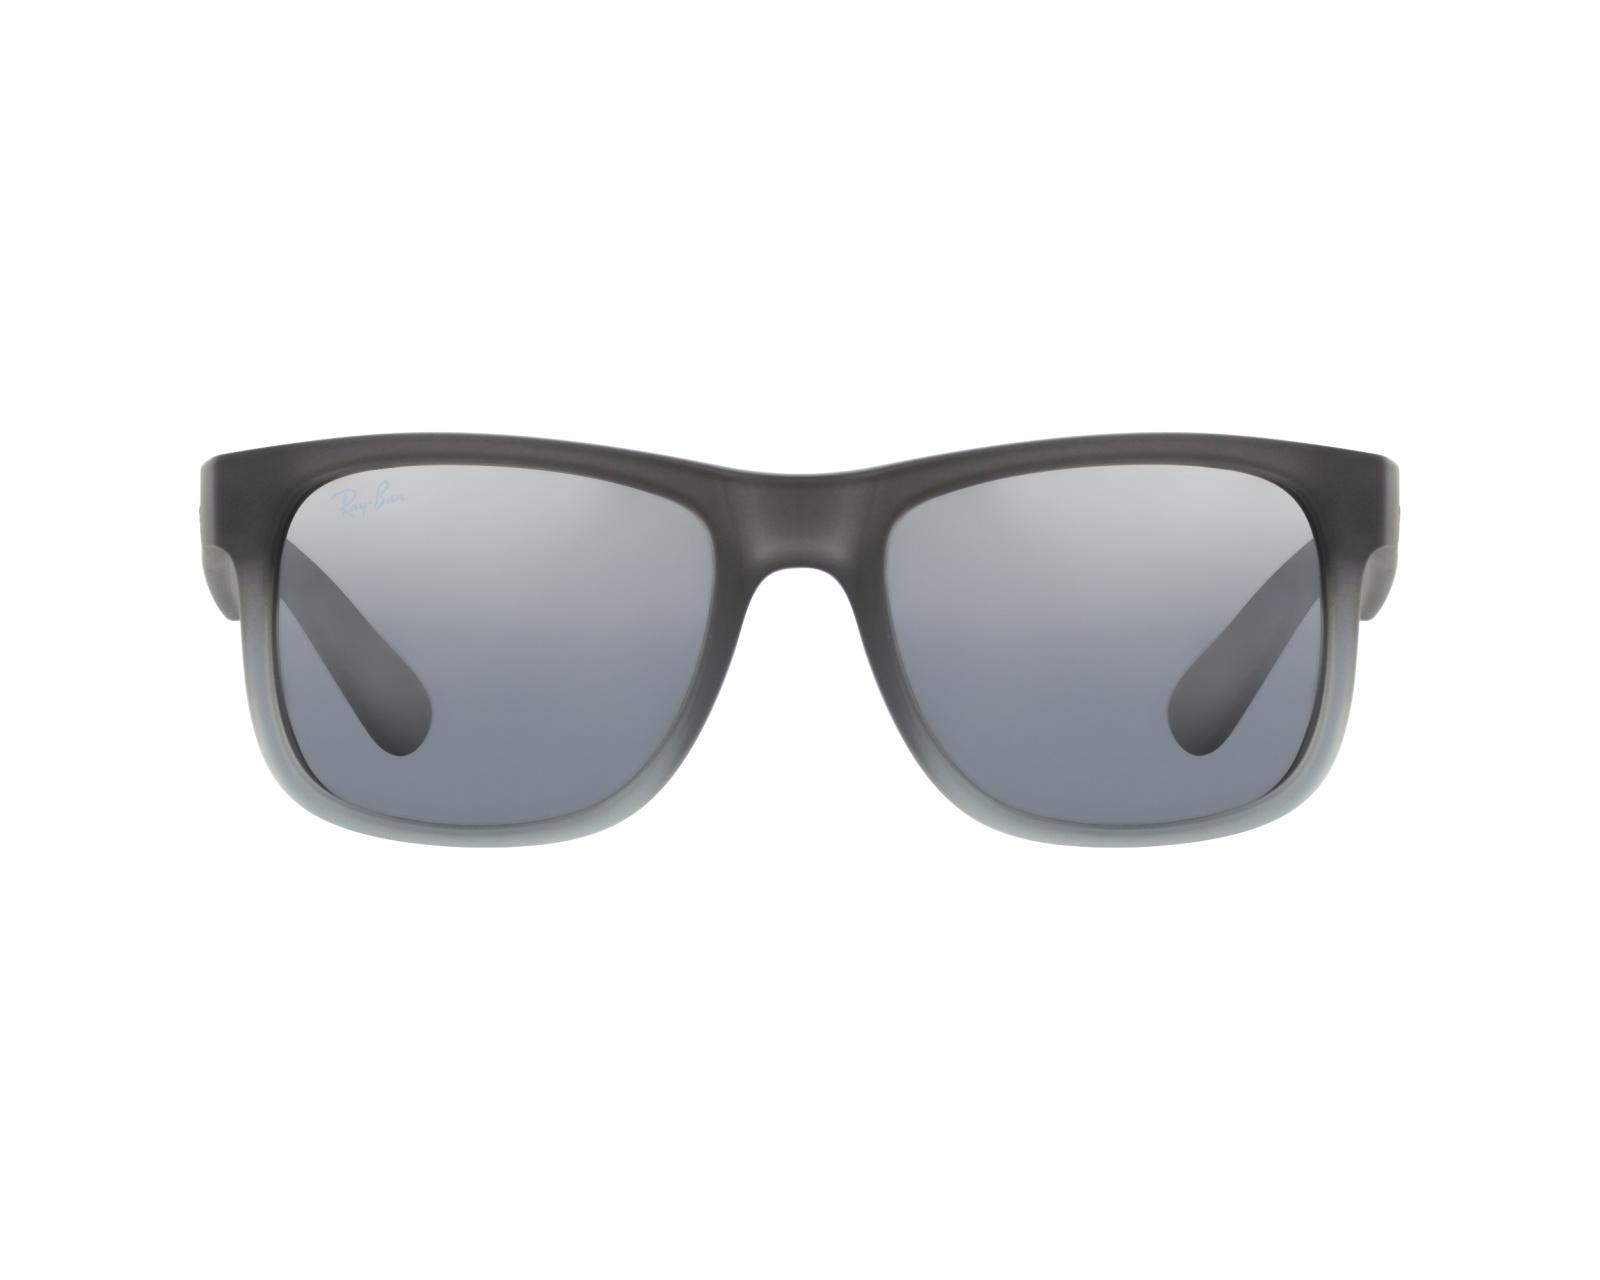 cf2d67d17d Gafas de Sol Ray-Ban Justin Classic RB-4165 852/88